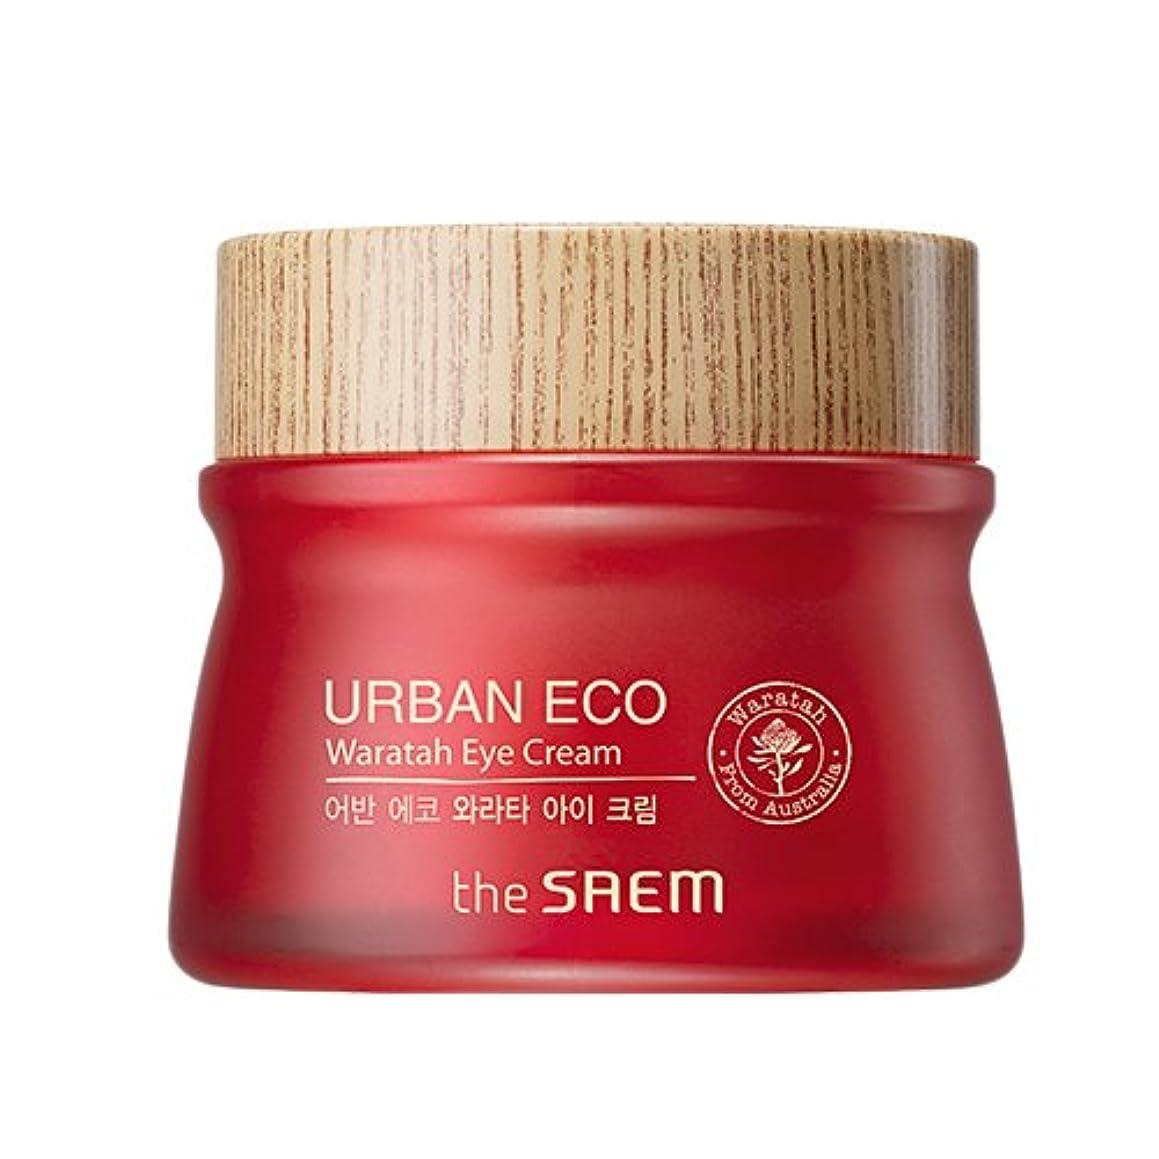 重くする透過性舌なドセム アーバンエコワラターアイクリーム 30ml Urban Eco Waratah Eye Cream [並行輸入品]